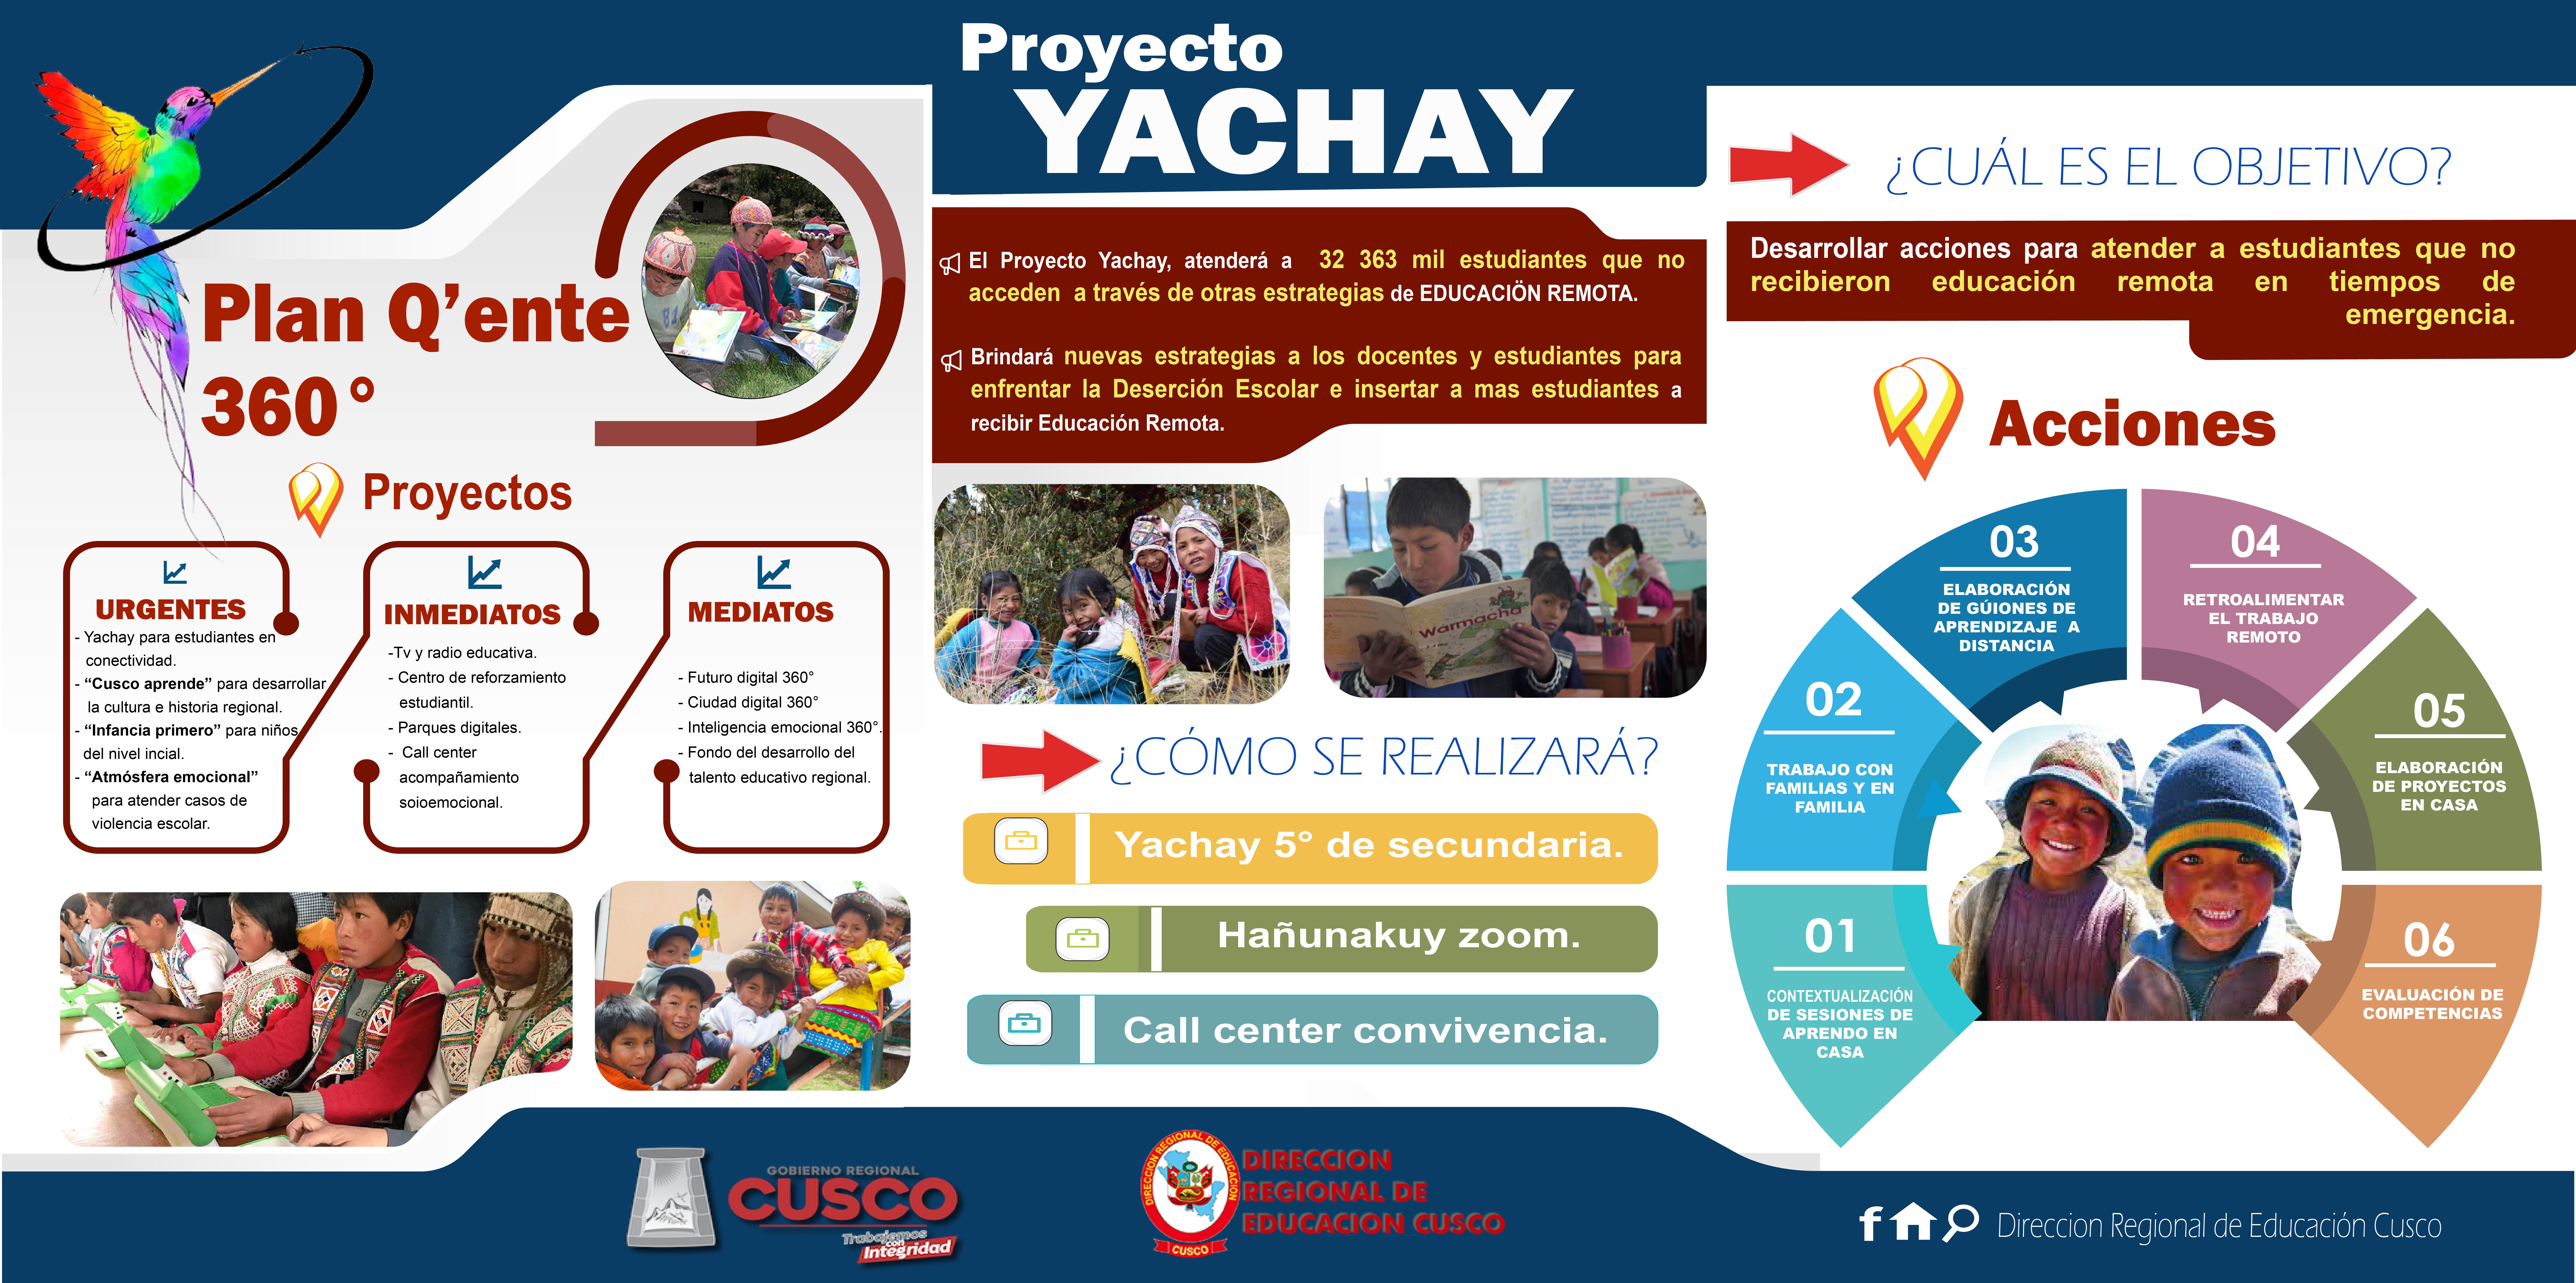 """Más de 32 mil estudiantes se beneficiarán con proyecto Yachay """"Todos Nuestros Estudiantes Aprenden"""" como parte de la transformación en la educación con conectividad."""